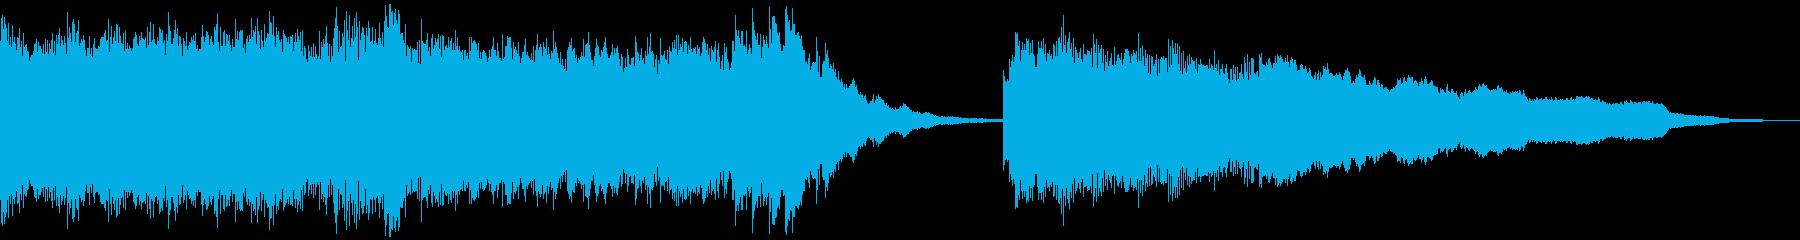 都会的なエレピのジングルの再生済みの波形